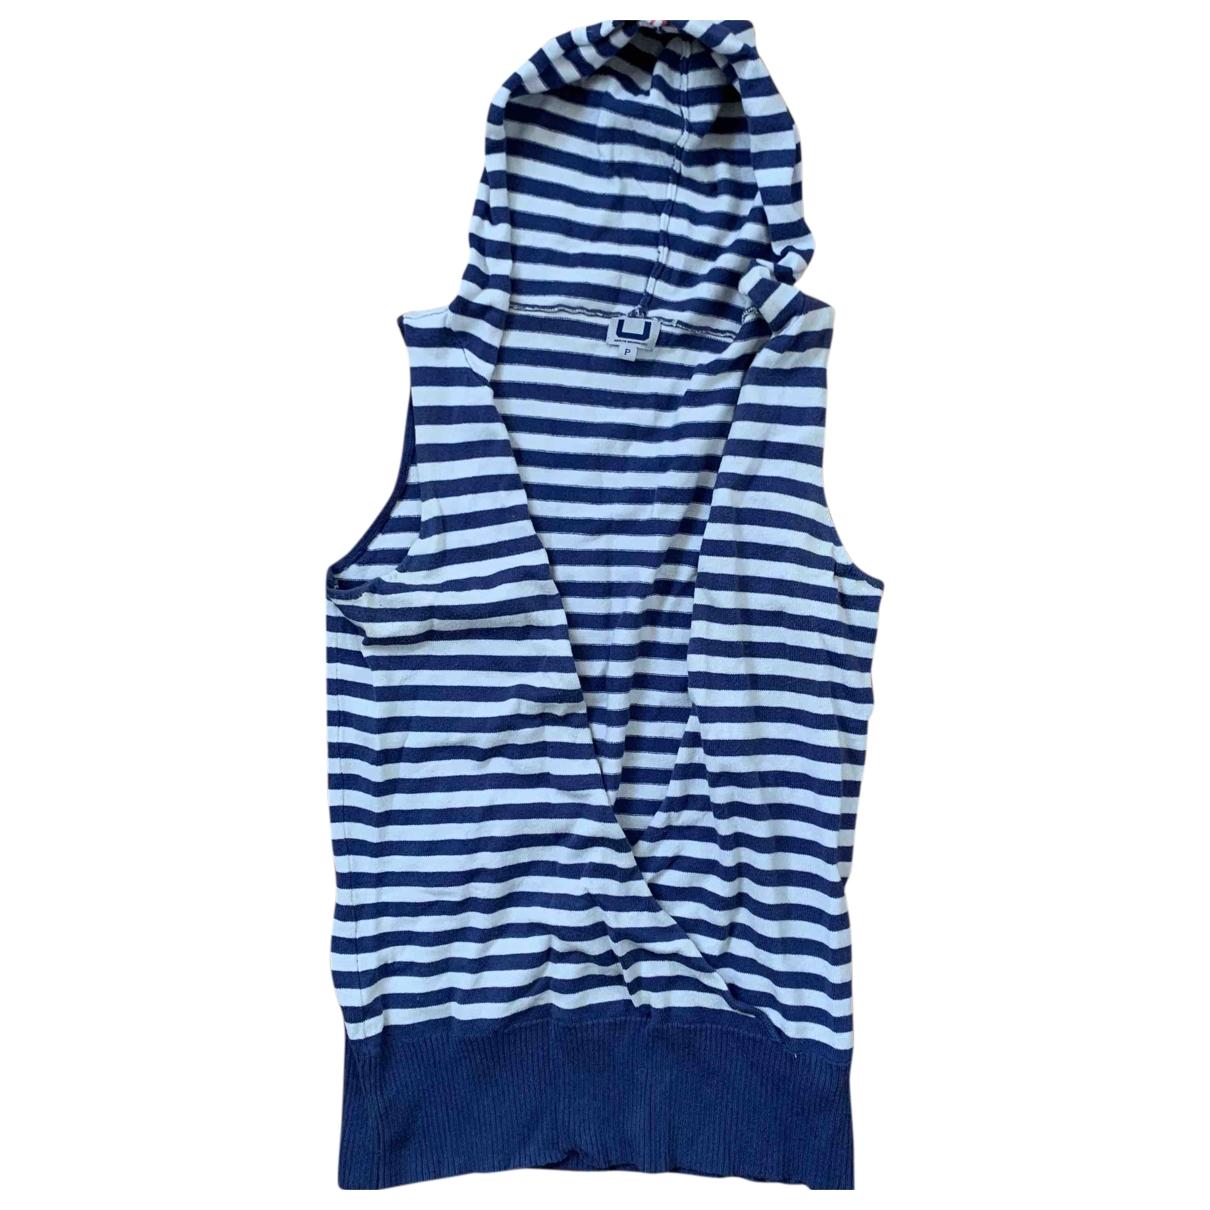 Adolfo Dominguez - Pull   pour femme en coton - bleu